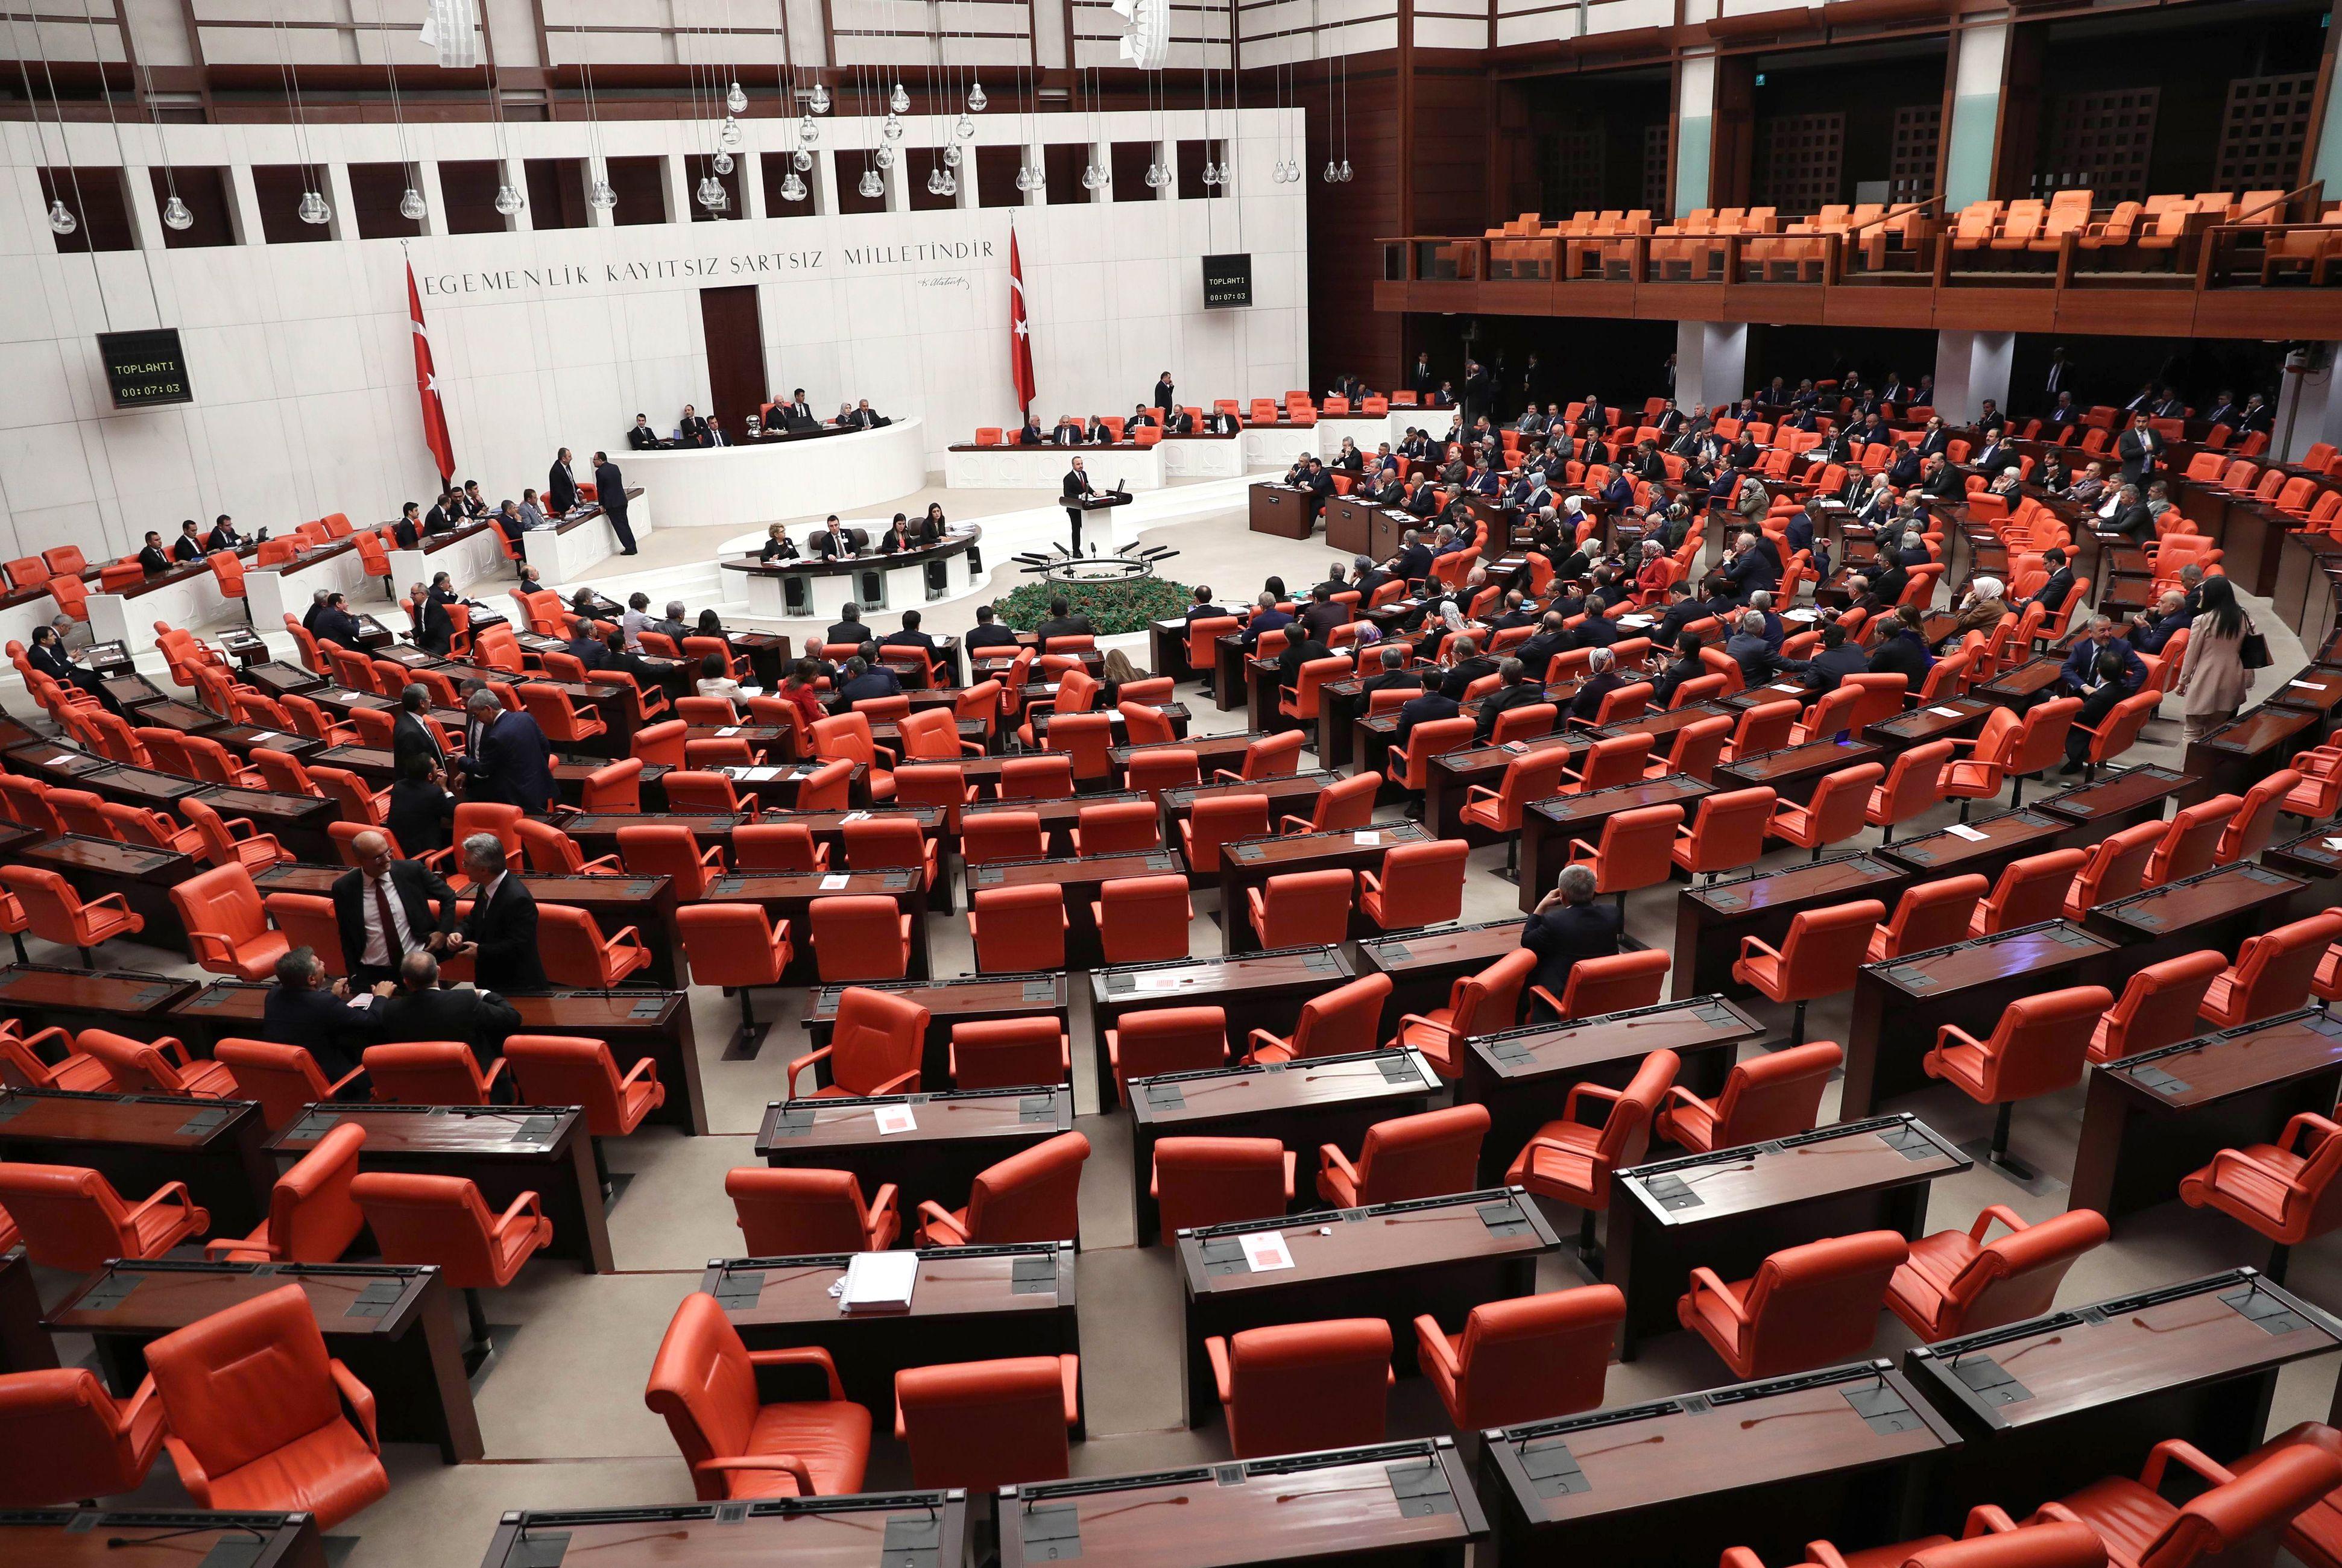 قاعات البرلمان التركي